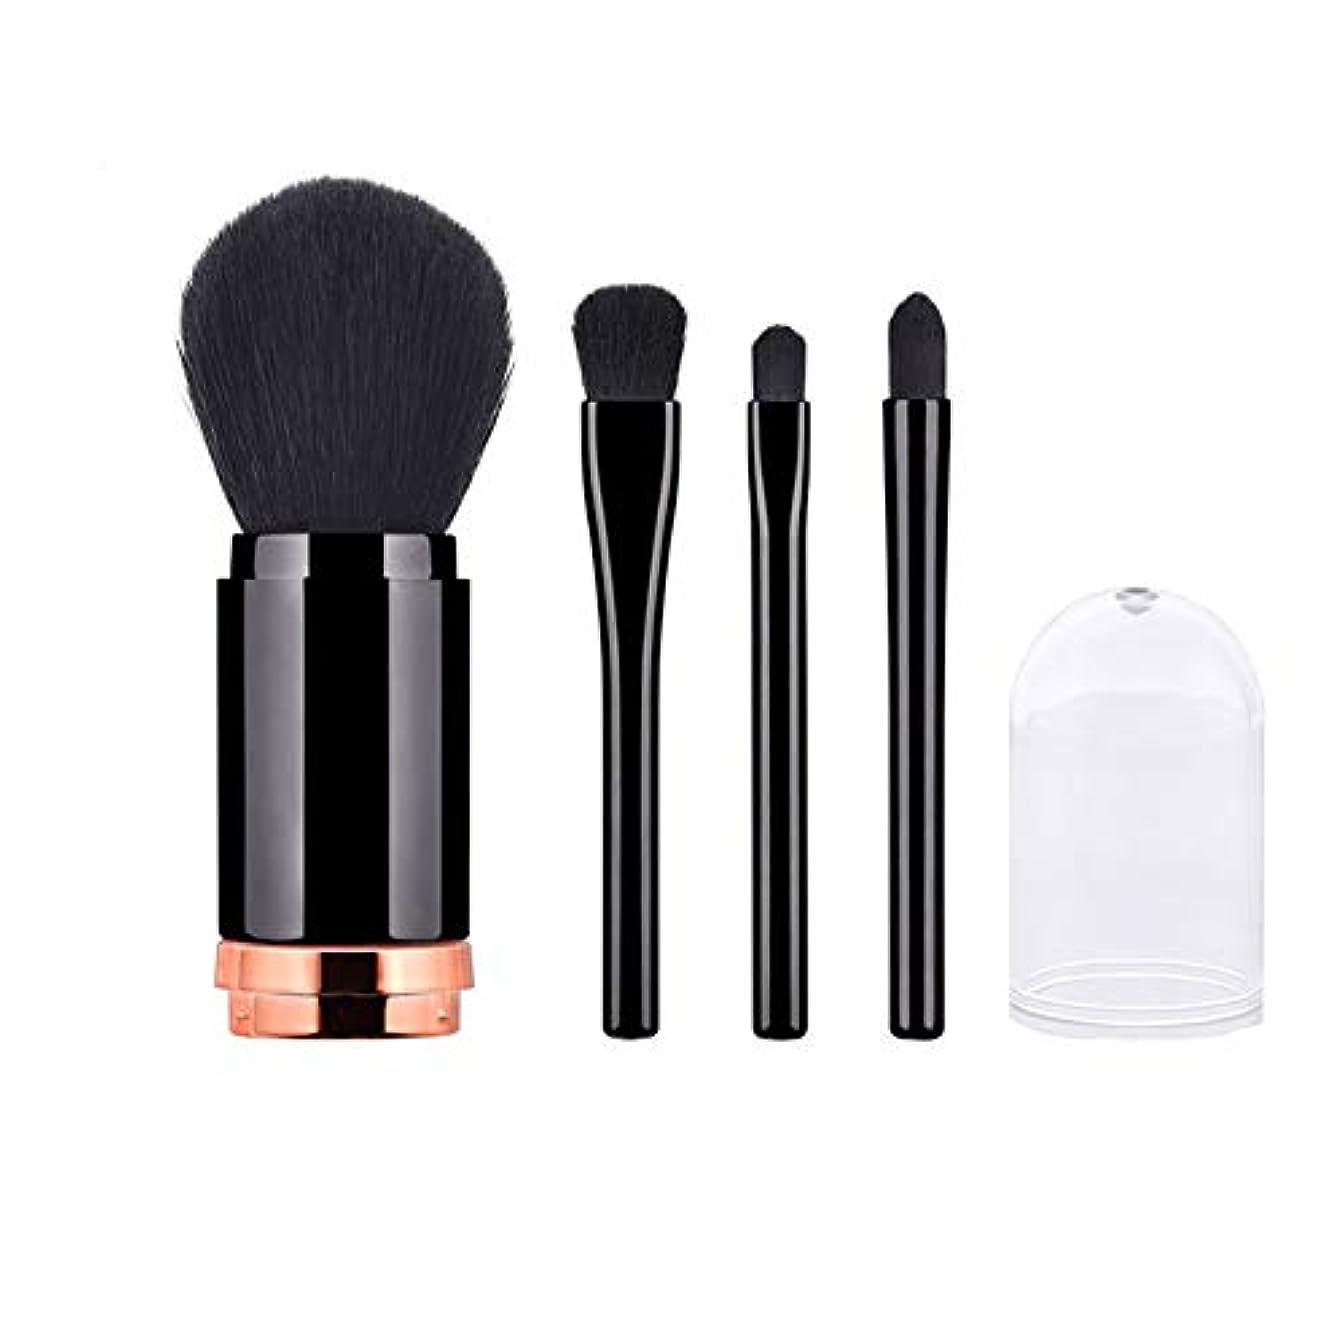 元気患者膨らみ1女性に付き4引き込み式の柔らかい基礎粉の構造のブラシ化粧品用具 - 黒